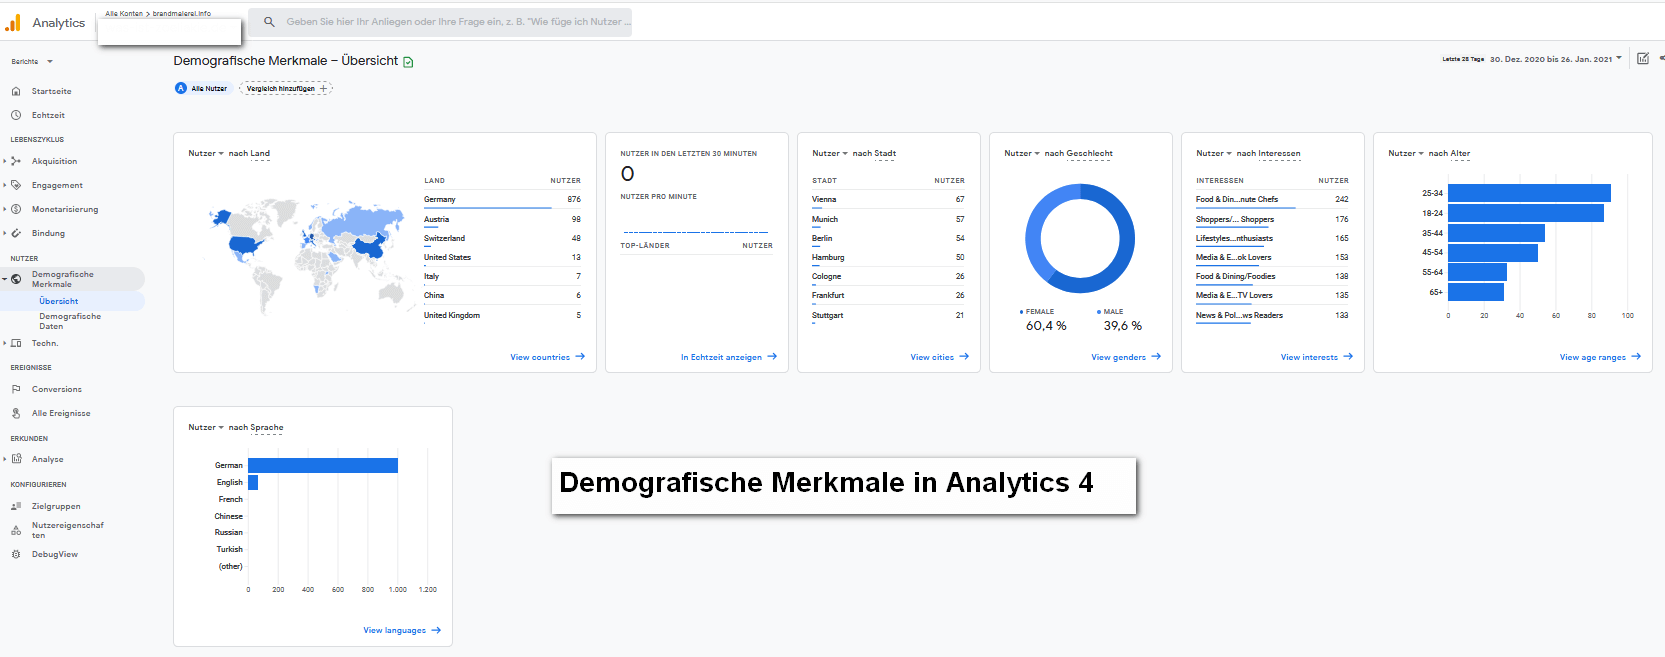 Demografische Merkmale in Analytics 4